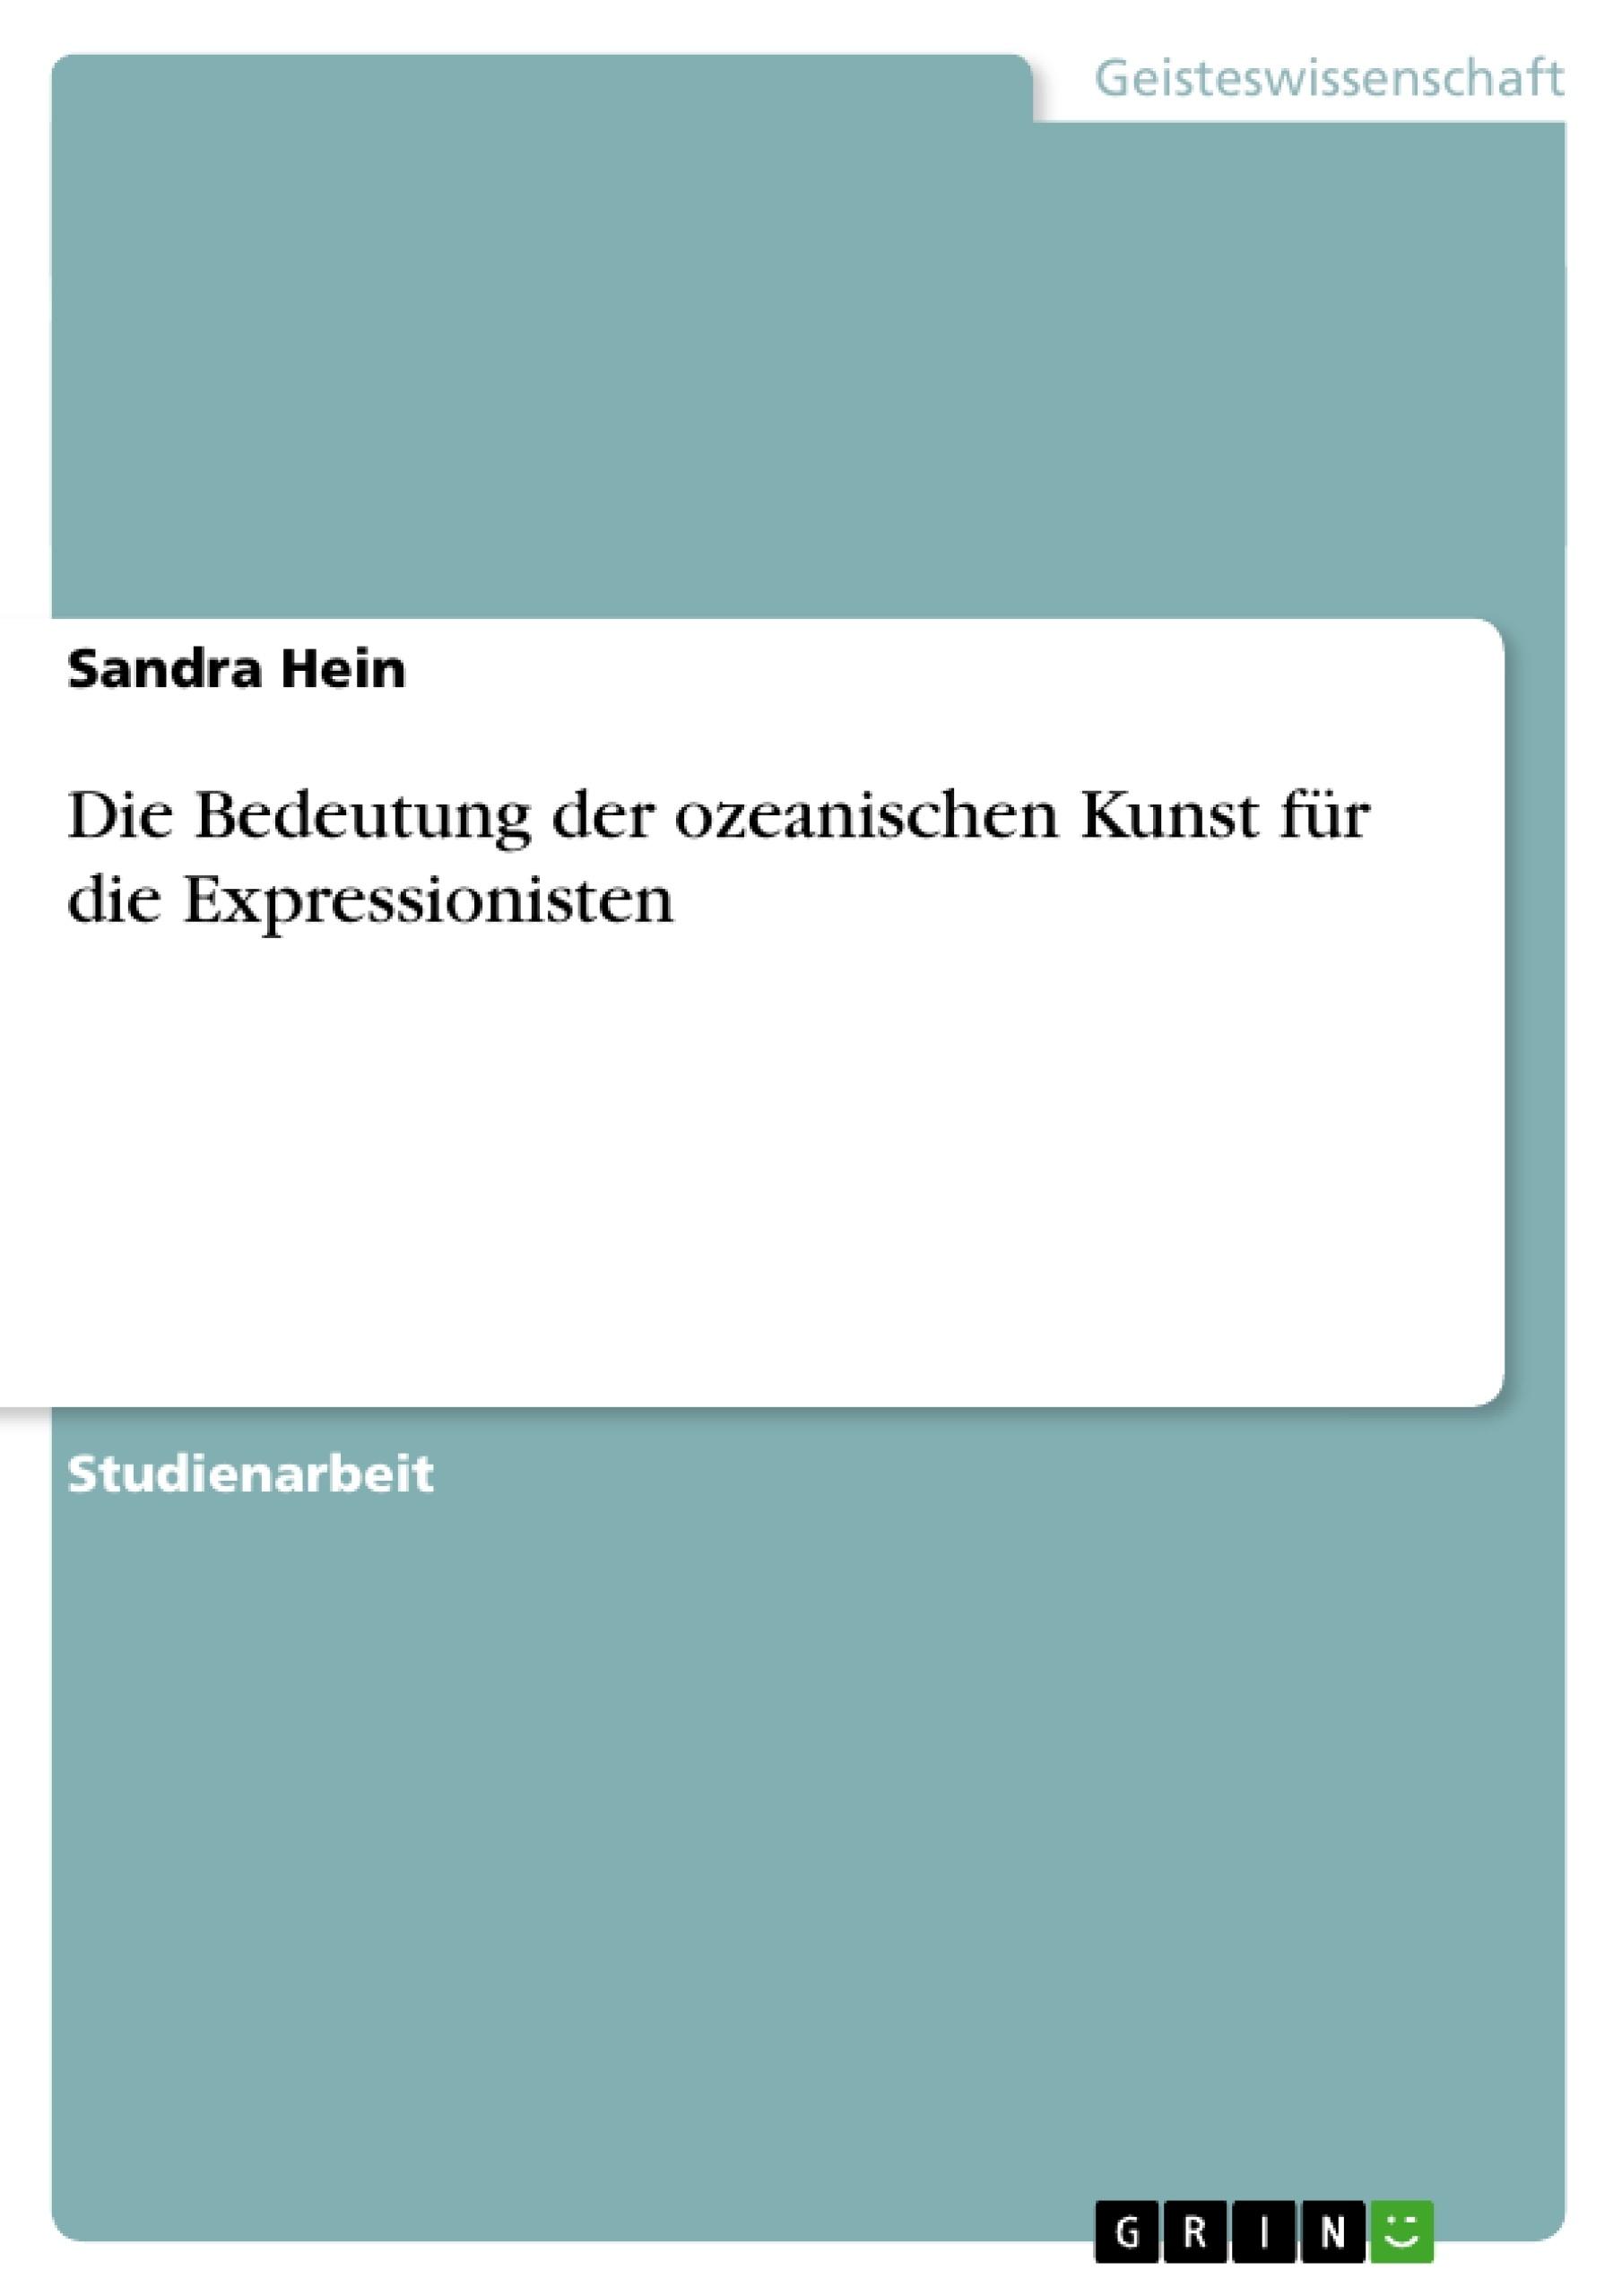 Titel: Die Bedeutung der ozeanischen Kunst für die Expressionisten